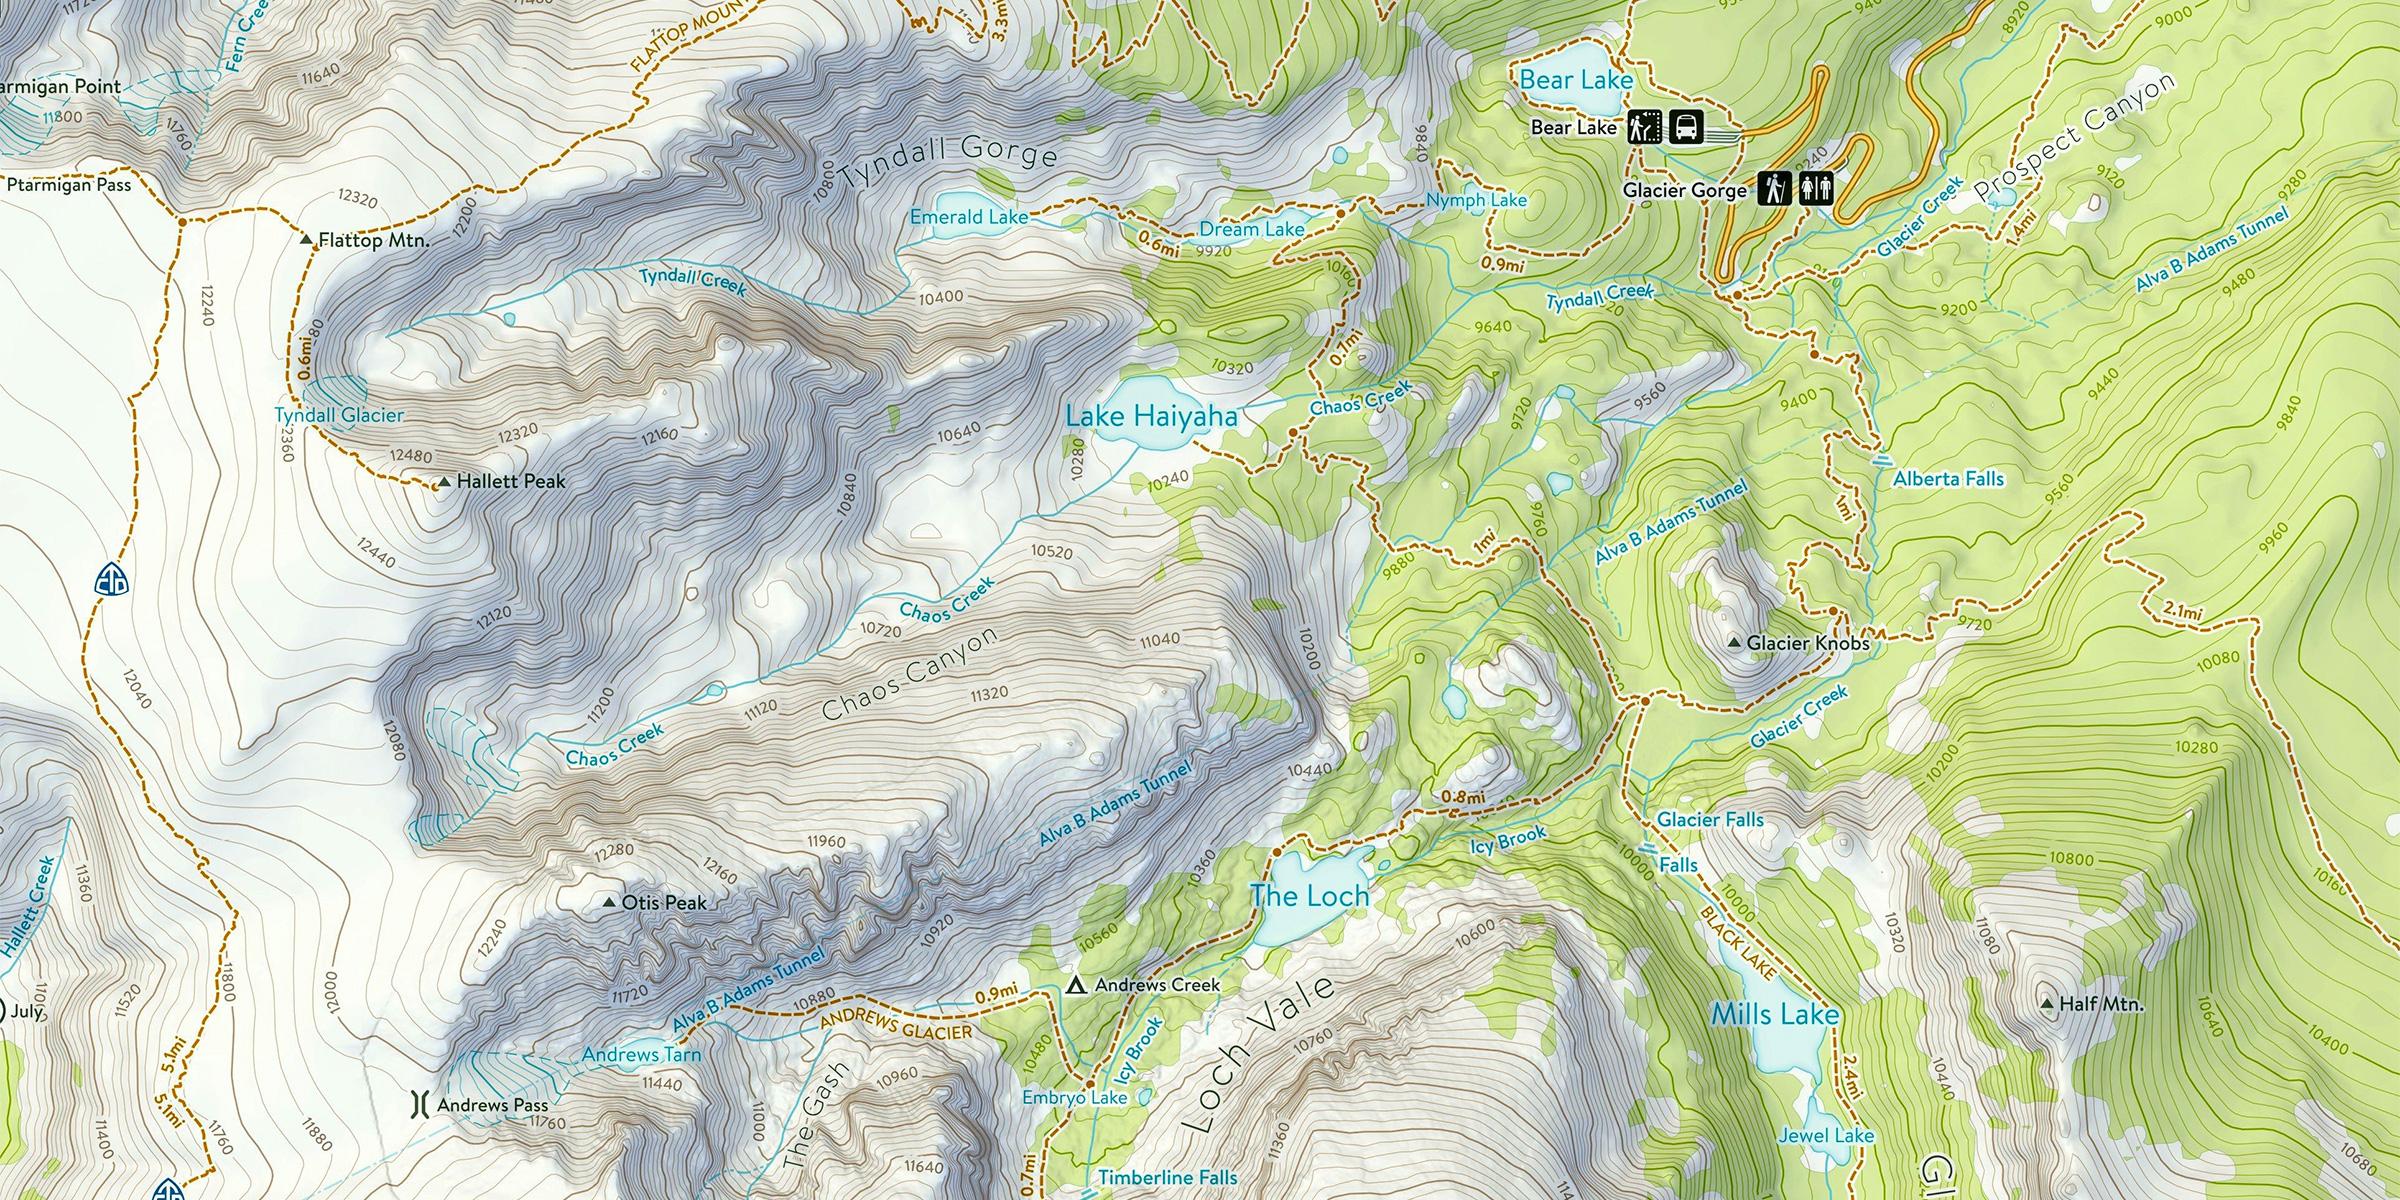 KARTA_Atlas-Topo.jpg